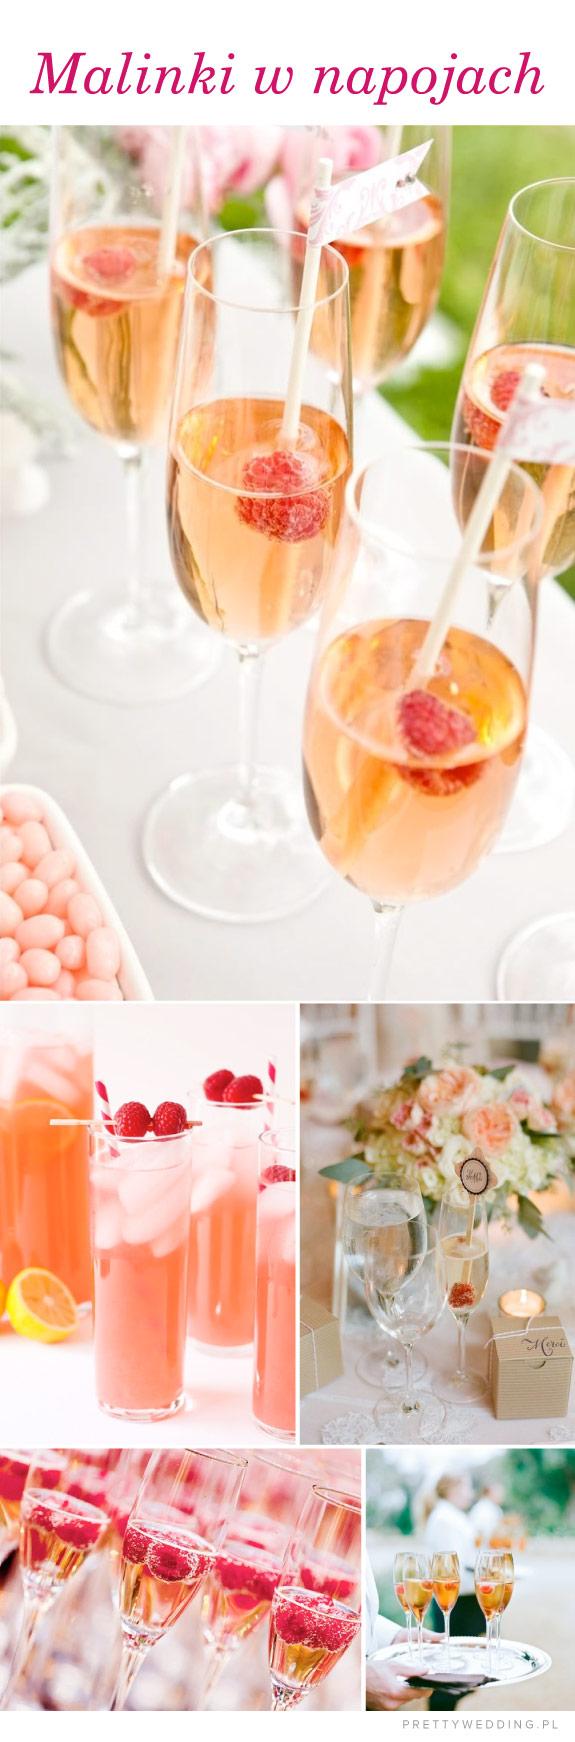 Maliny w szampanie i innych napojach na weselu